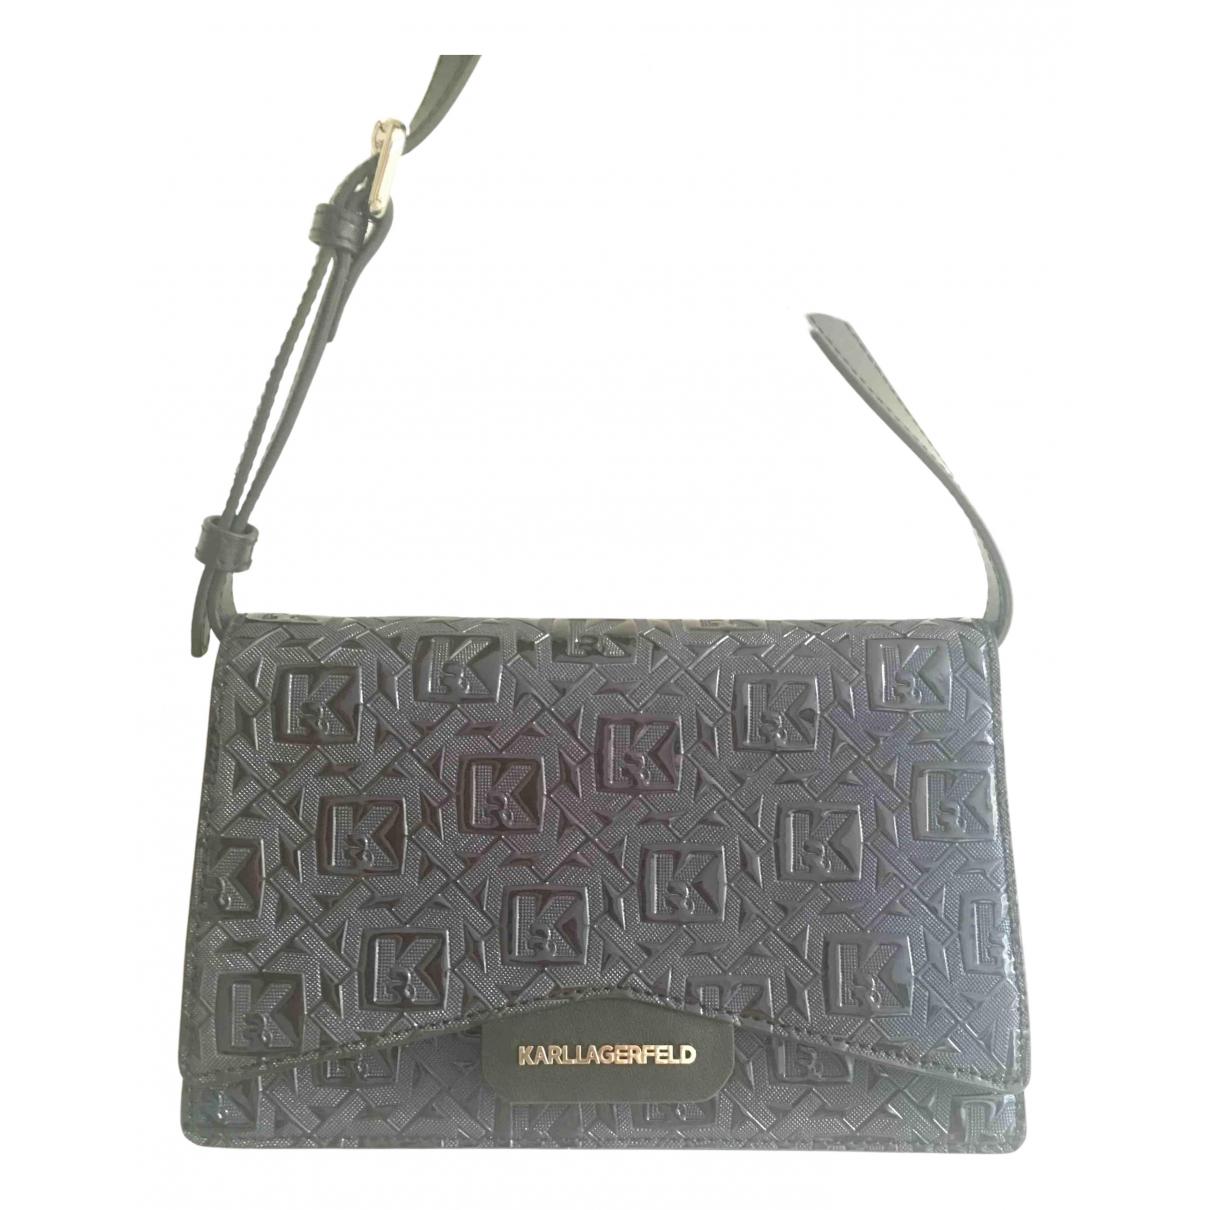 Karl Lagerfeld \N Blue handbag for Women \N